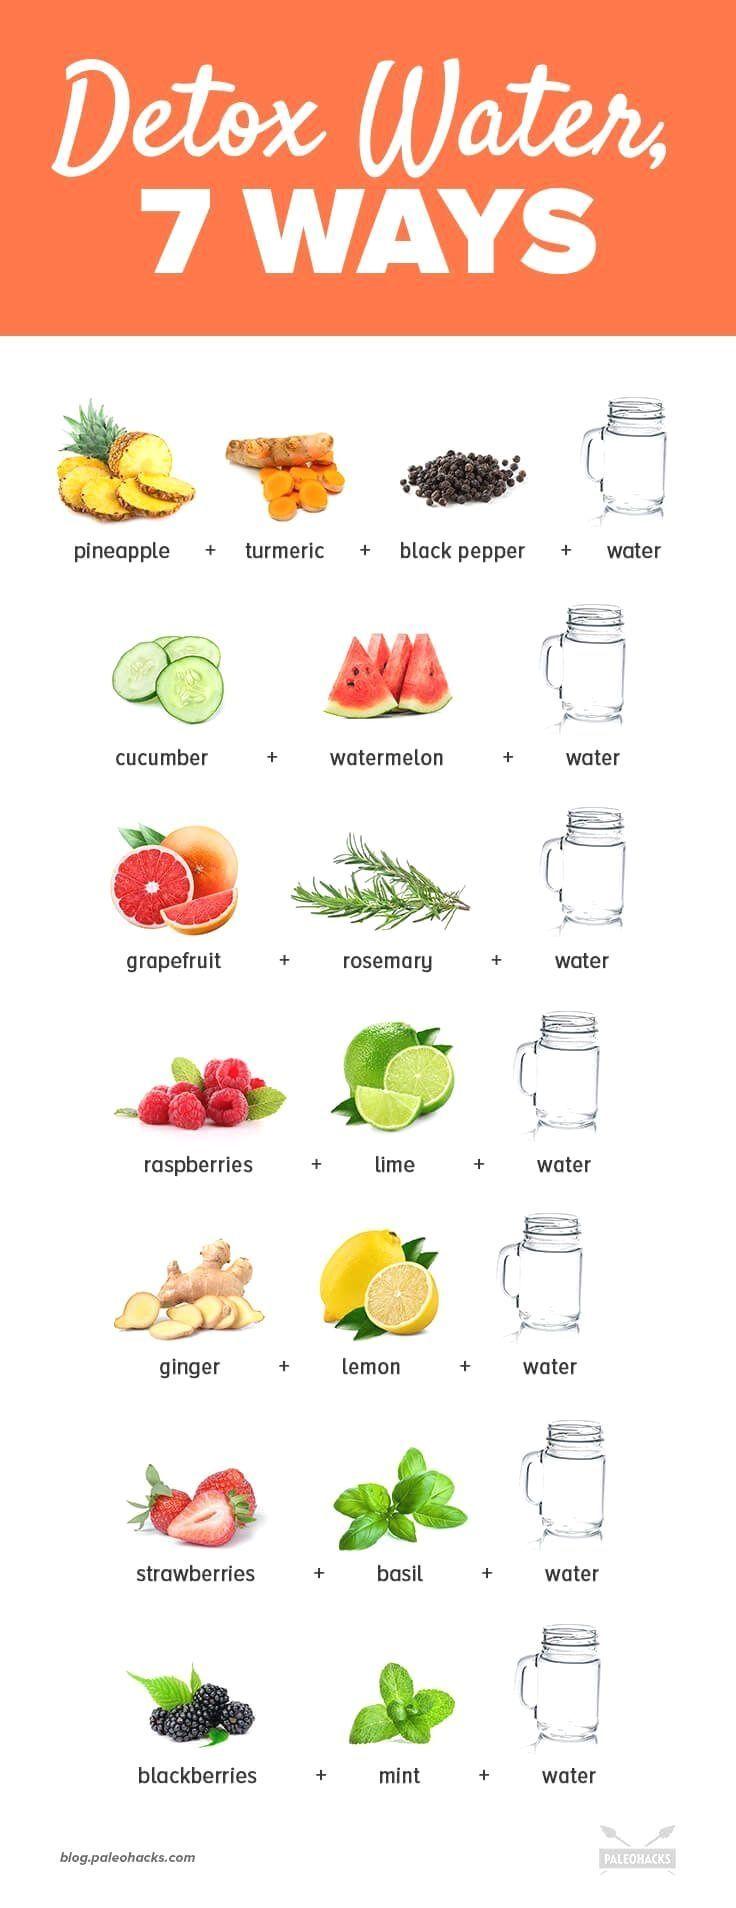 Waters Für klare Haut  Health   Detox Ideen  Rezept